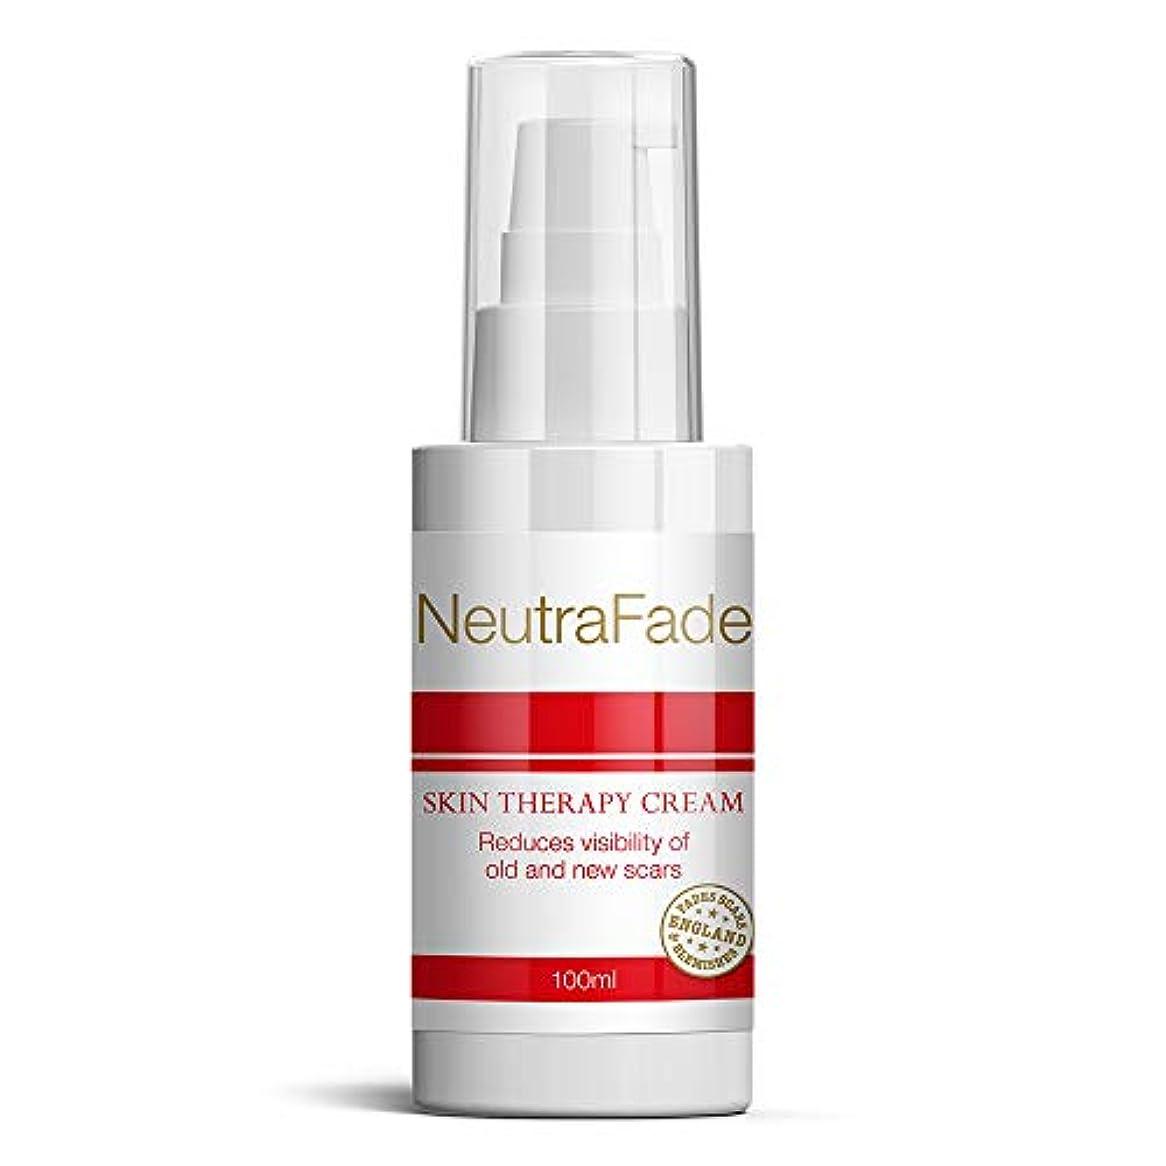 鉛拾うマウントNEUTRA FADE Cream 皮膚治療クリームはSCARの可視性を低減 NEUTRA feido hifu chiryō kurīmu wa sukā no kashi-sei o teigen